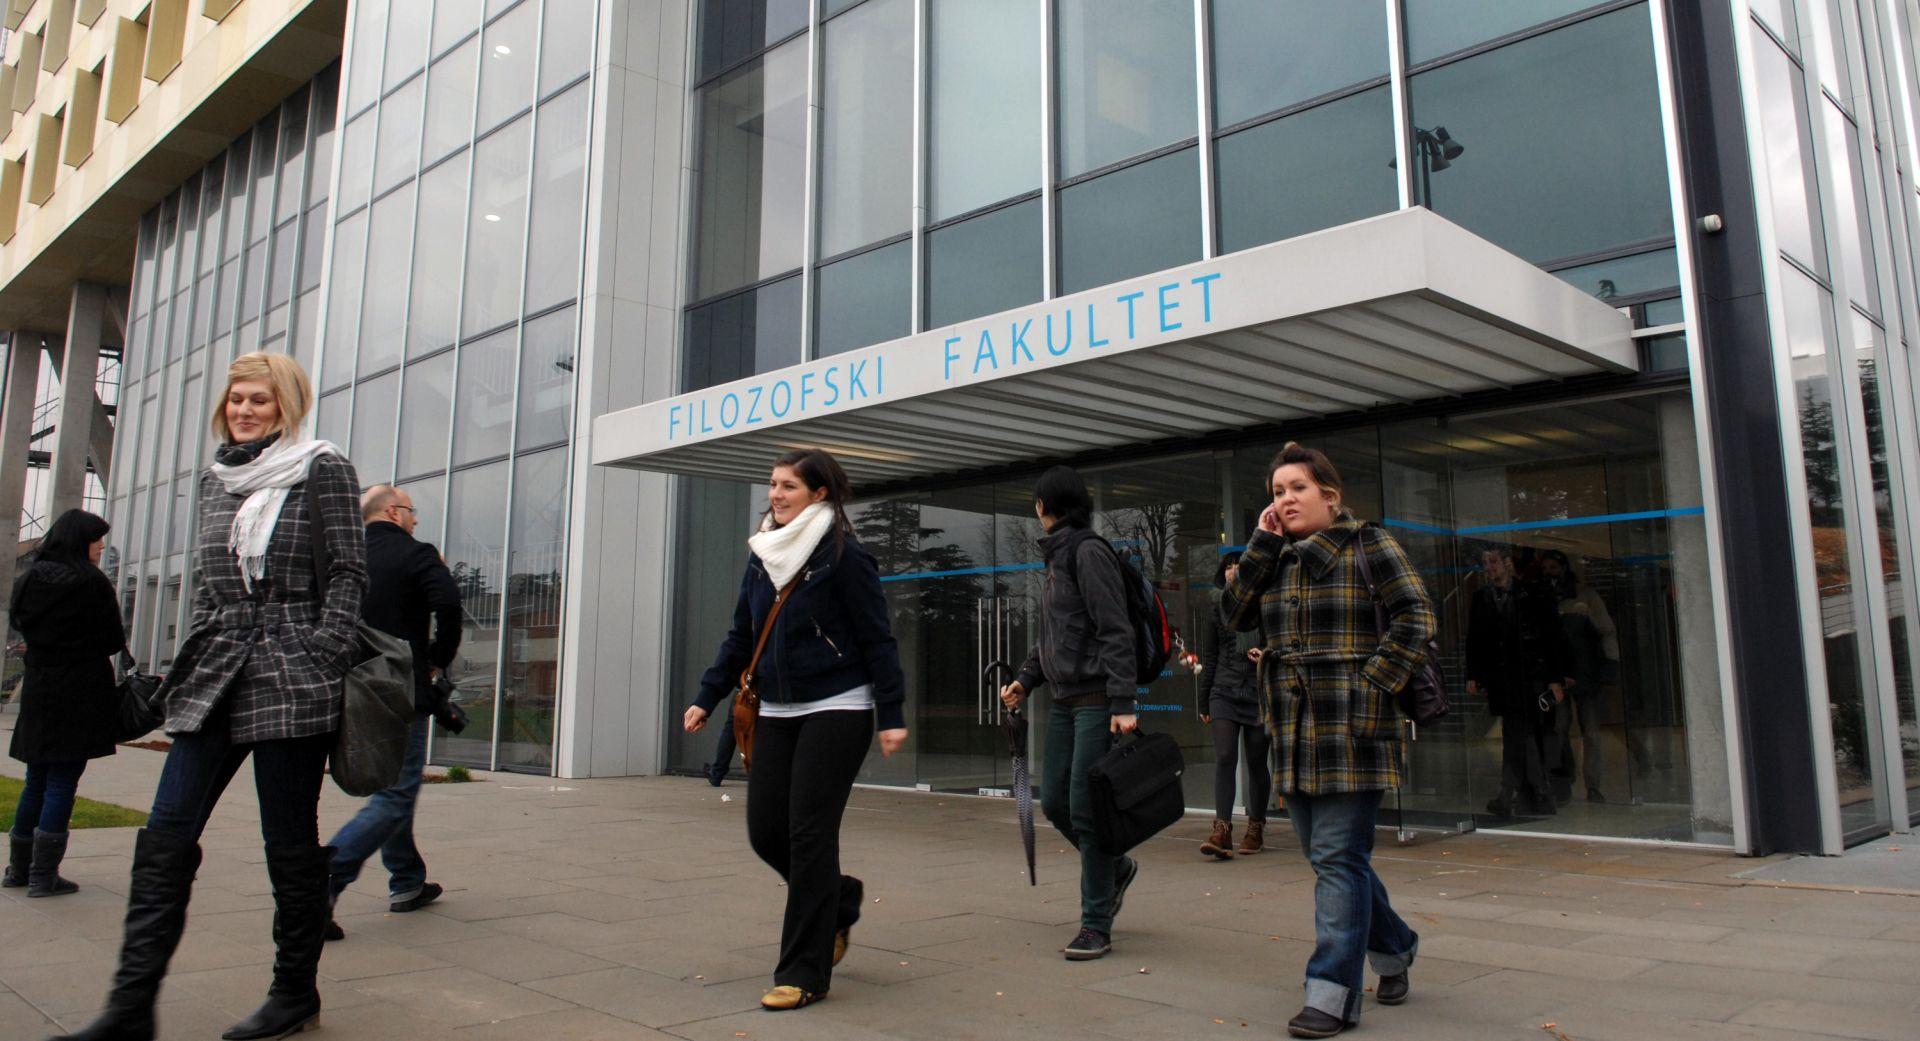 NAKON REFERENDUMA: Sindikat priprema štrajk na FFZG-u